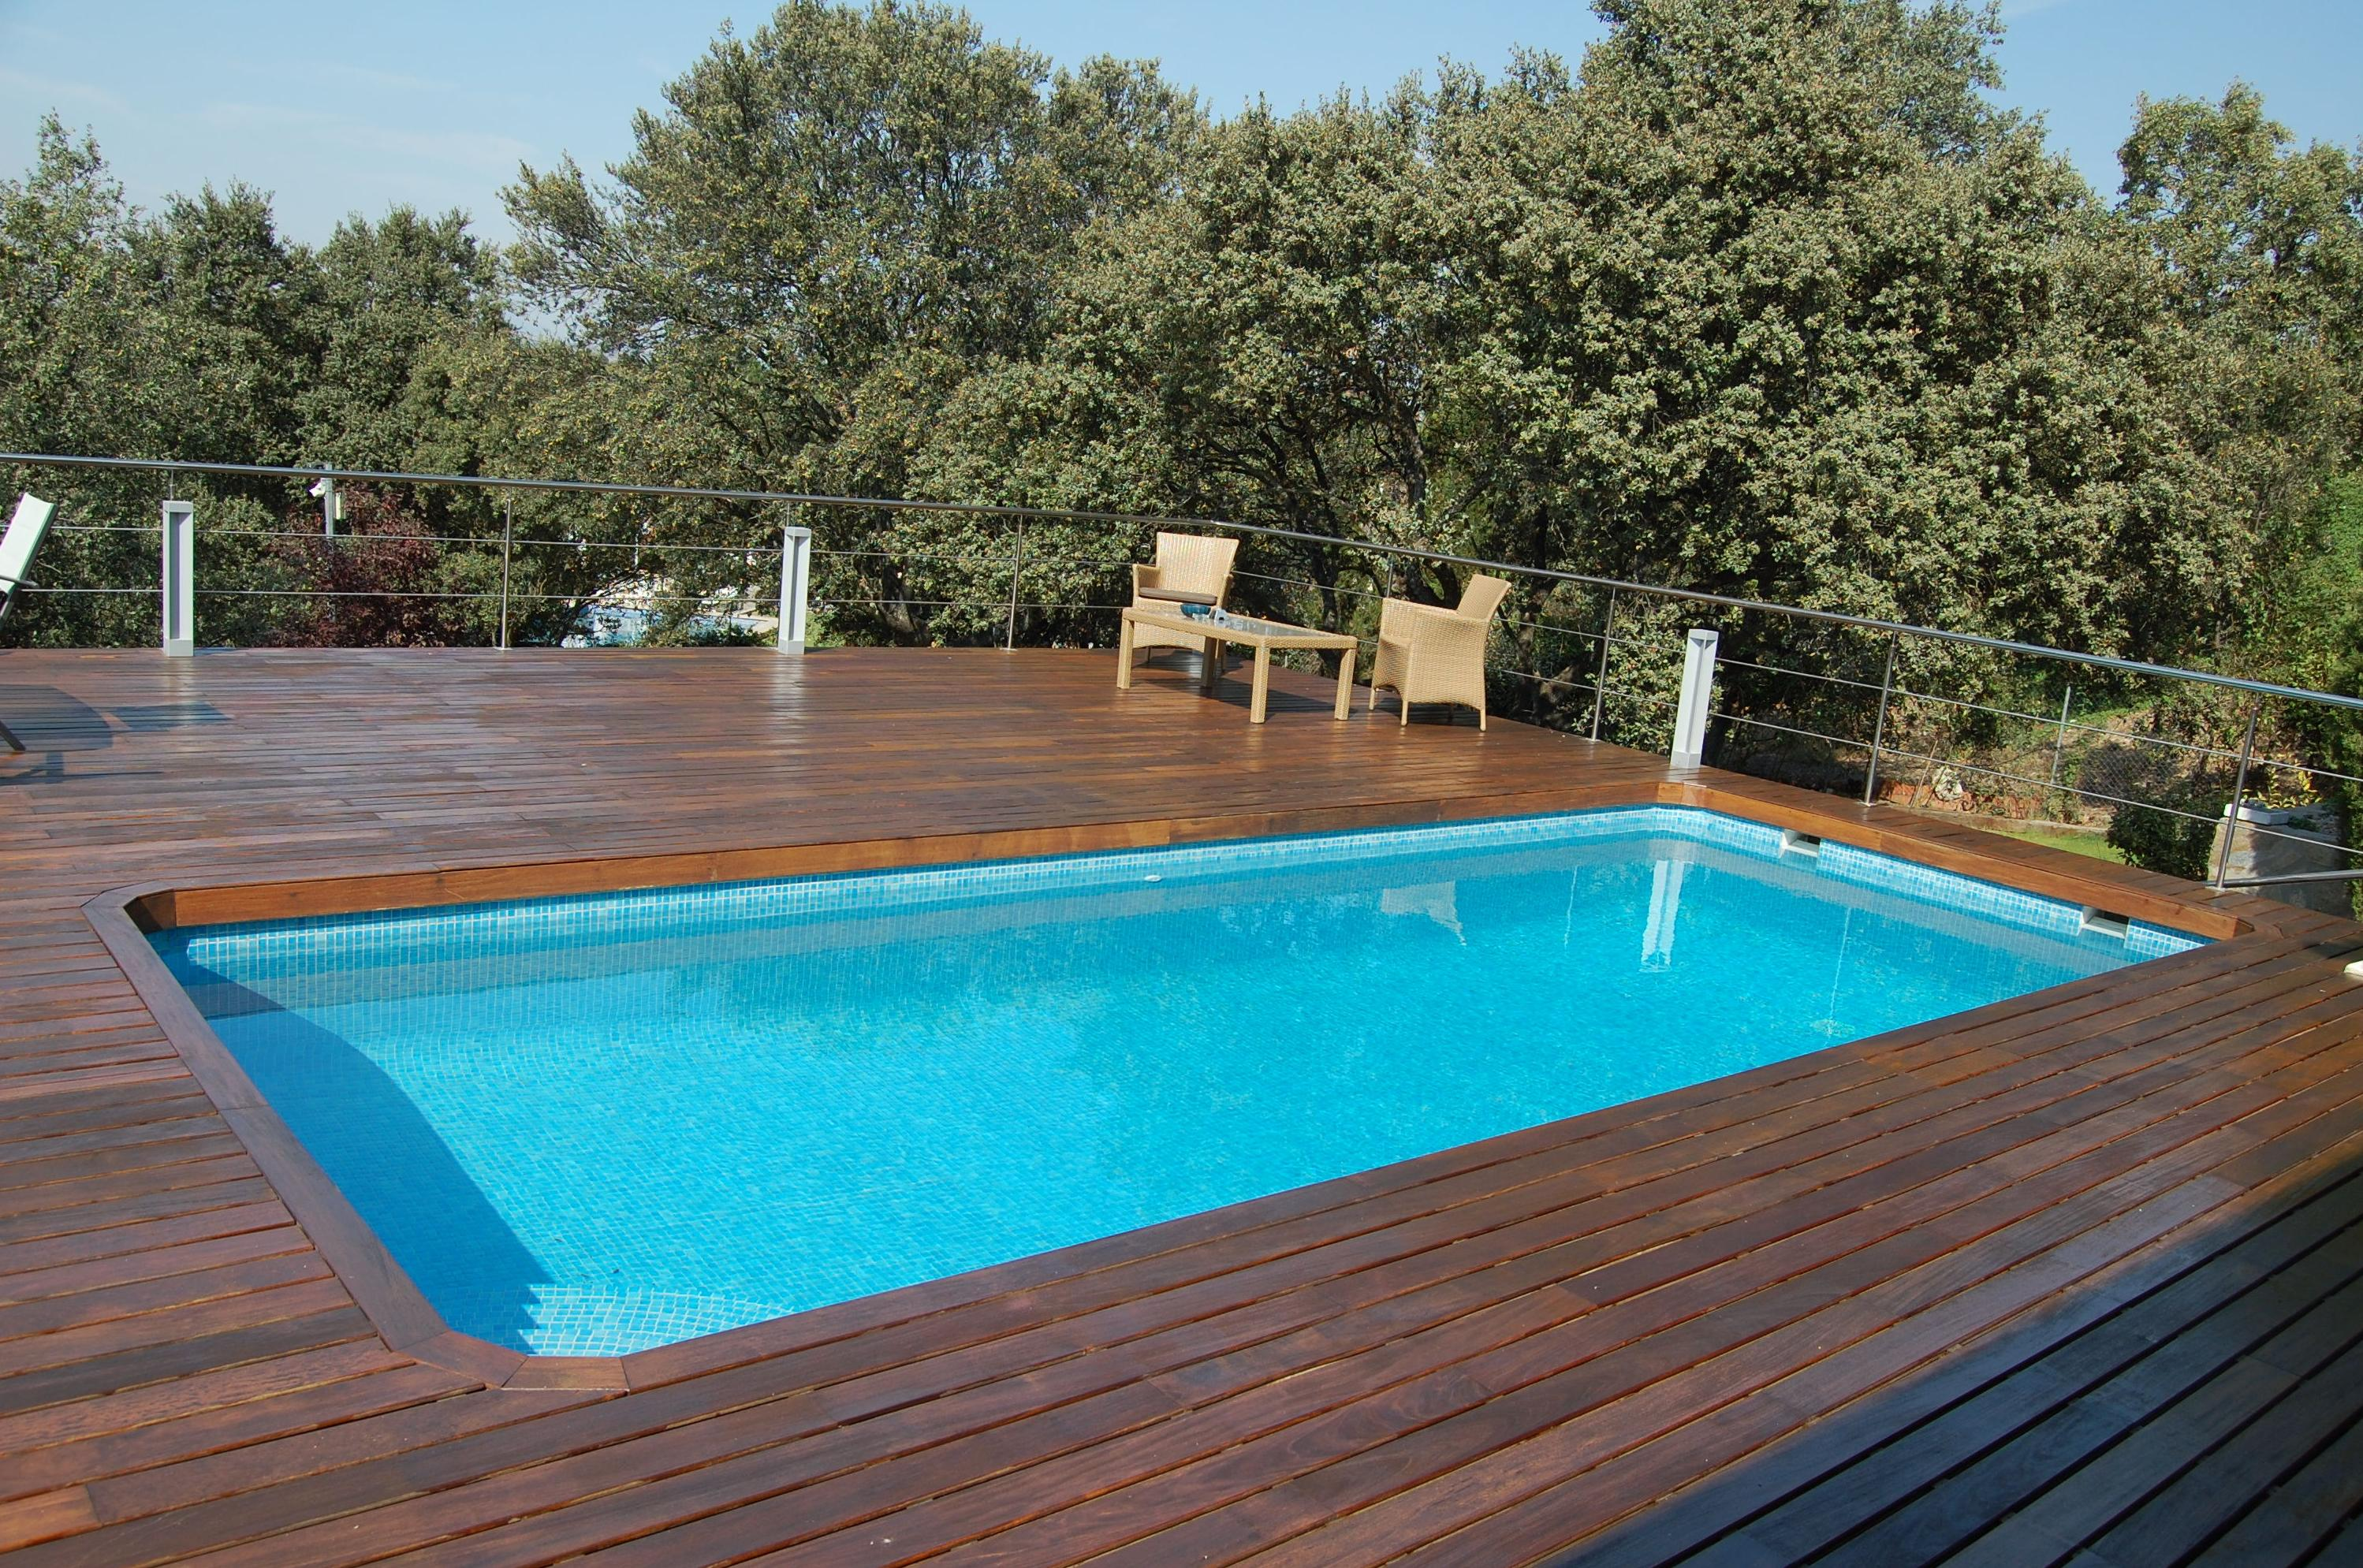 Piscinas de obra piscinas y accesorios de ardigral for Piscinas de madera baratas